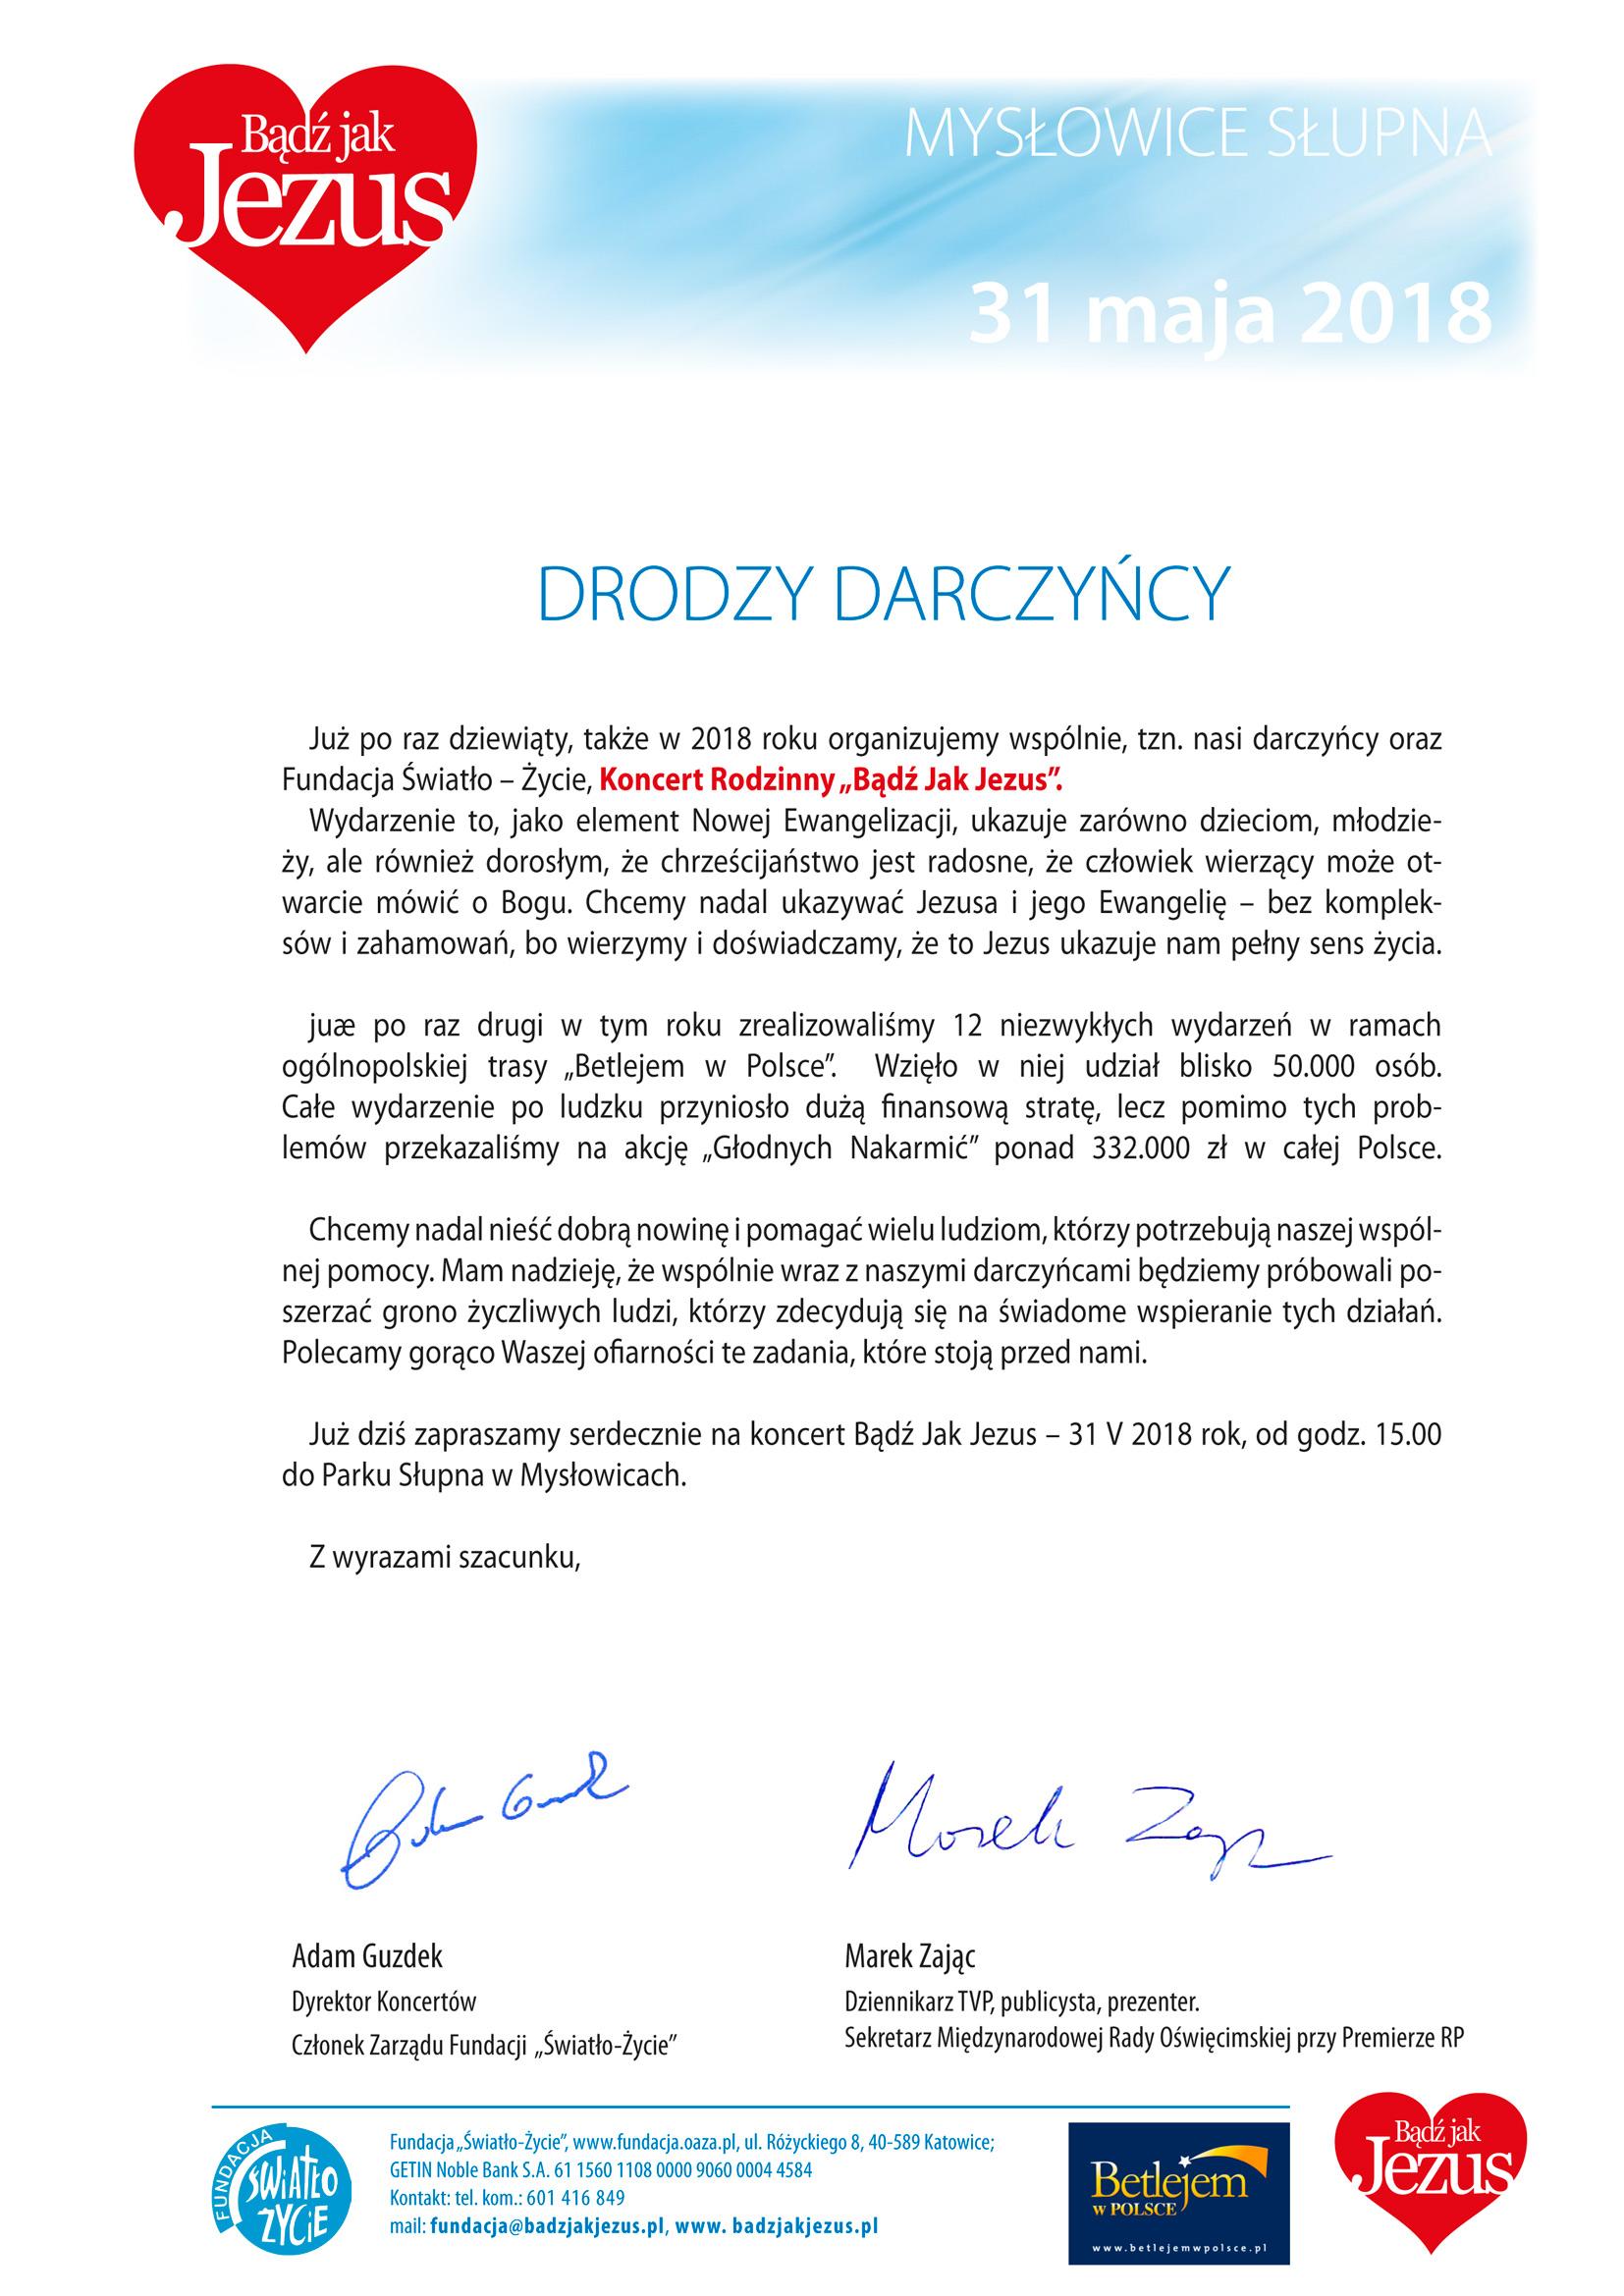 BjJ17_darczyncy1